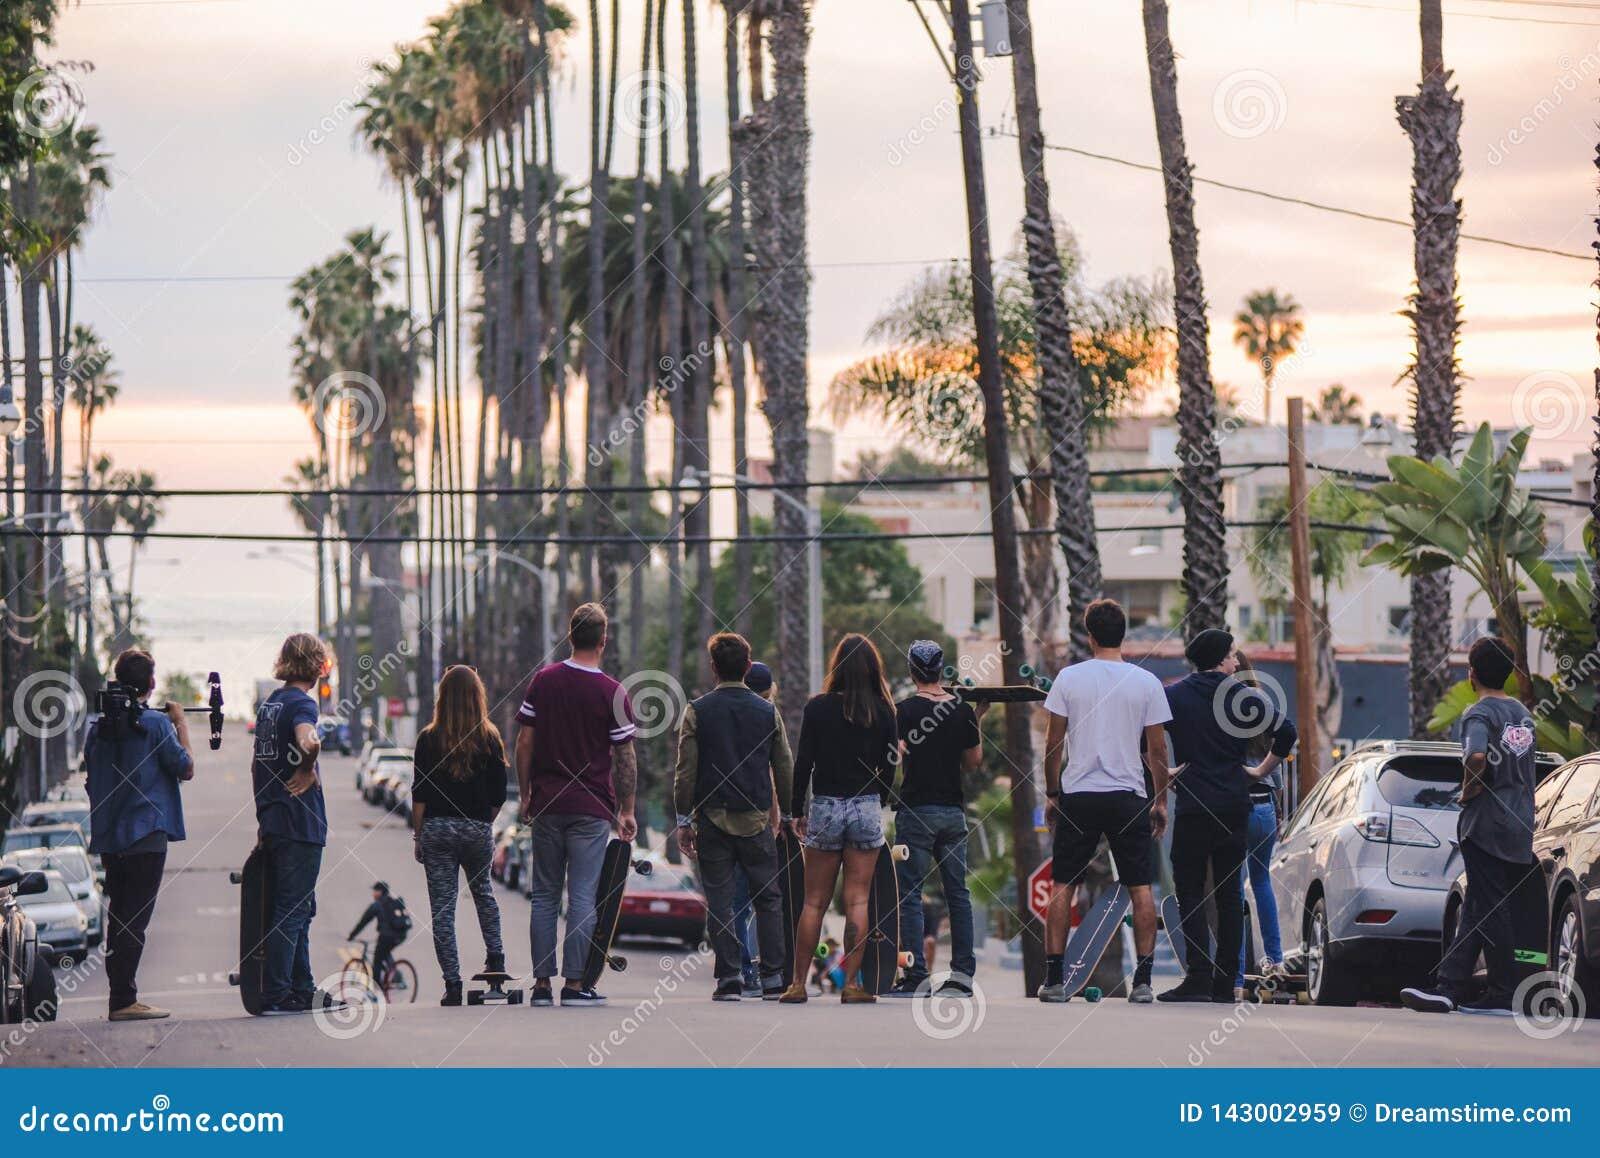 Skateboarder vicino a Venice Beach al tramonto